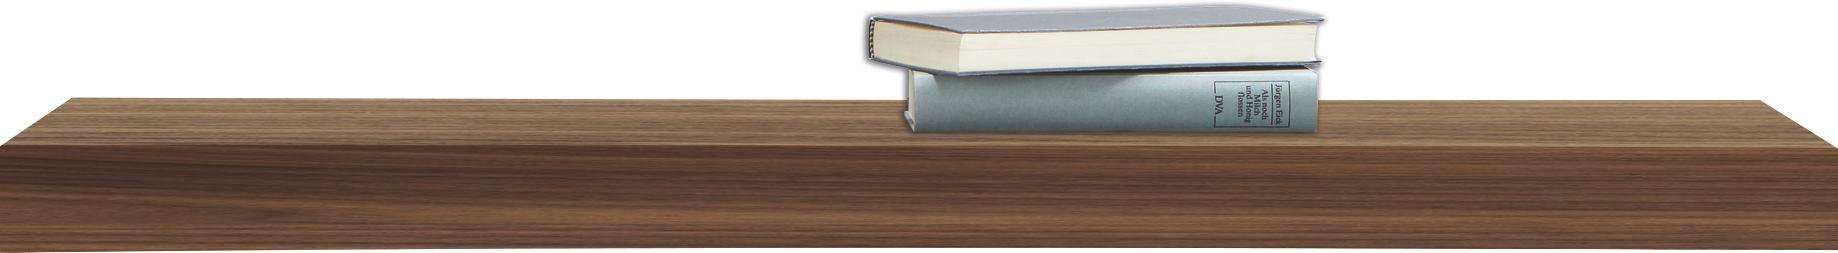 WANDBOARD in Nussbaumfarben - Nussbaumfarben, Basics, Holz (90/25cm)